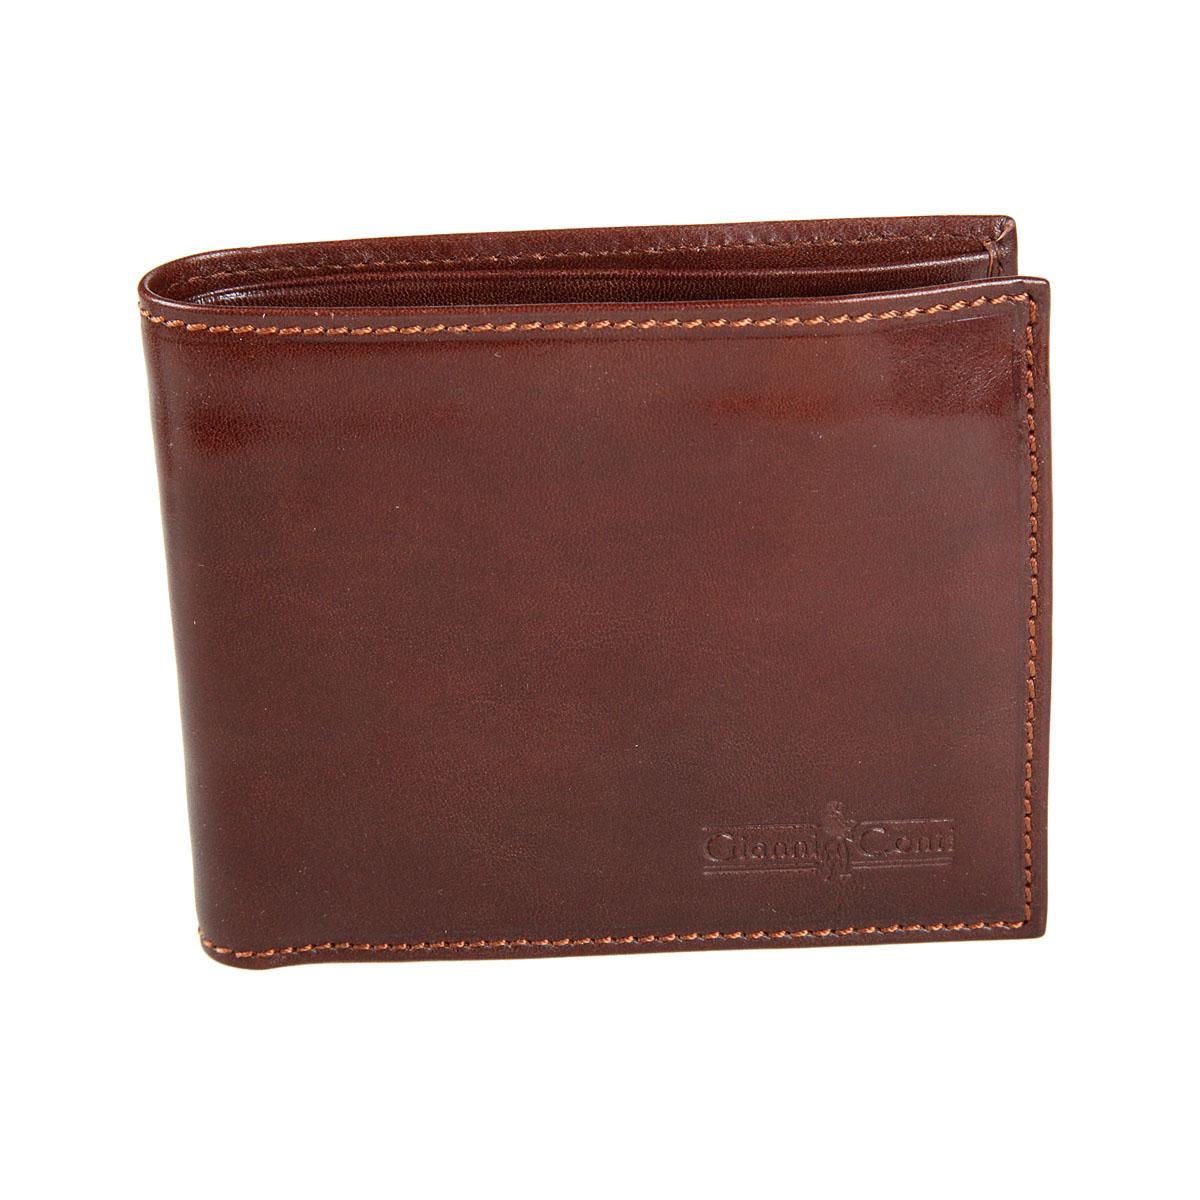 Портмоне мужское Gianni Conti, цвет: коричневый. 907023BM8434-58AEСтильное мужское портмоне Gianni Conti выполнено из натуральной кожи. Лицевая сторона оформлена тиснением в виде названия бренда производителя.Изделие раскладывается пополам. Внутри имеется два отделения для купюр, четыре потайных кармана, карман для мелочи на кнопке, семь кармашков для визиток и пластиковых карт и сетчатый карман. Портмоне упаковано в фирменную картонную коробку. Оригинальное портмоне подчеркнет вашу индивидуальность и изысканный вкус, а также станет замечательным подарком человеку, ценящему качественные и практичные вещи.